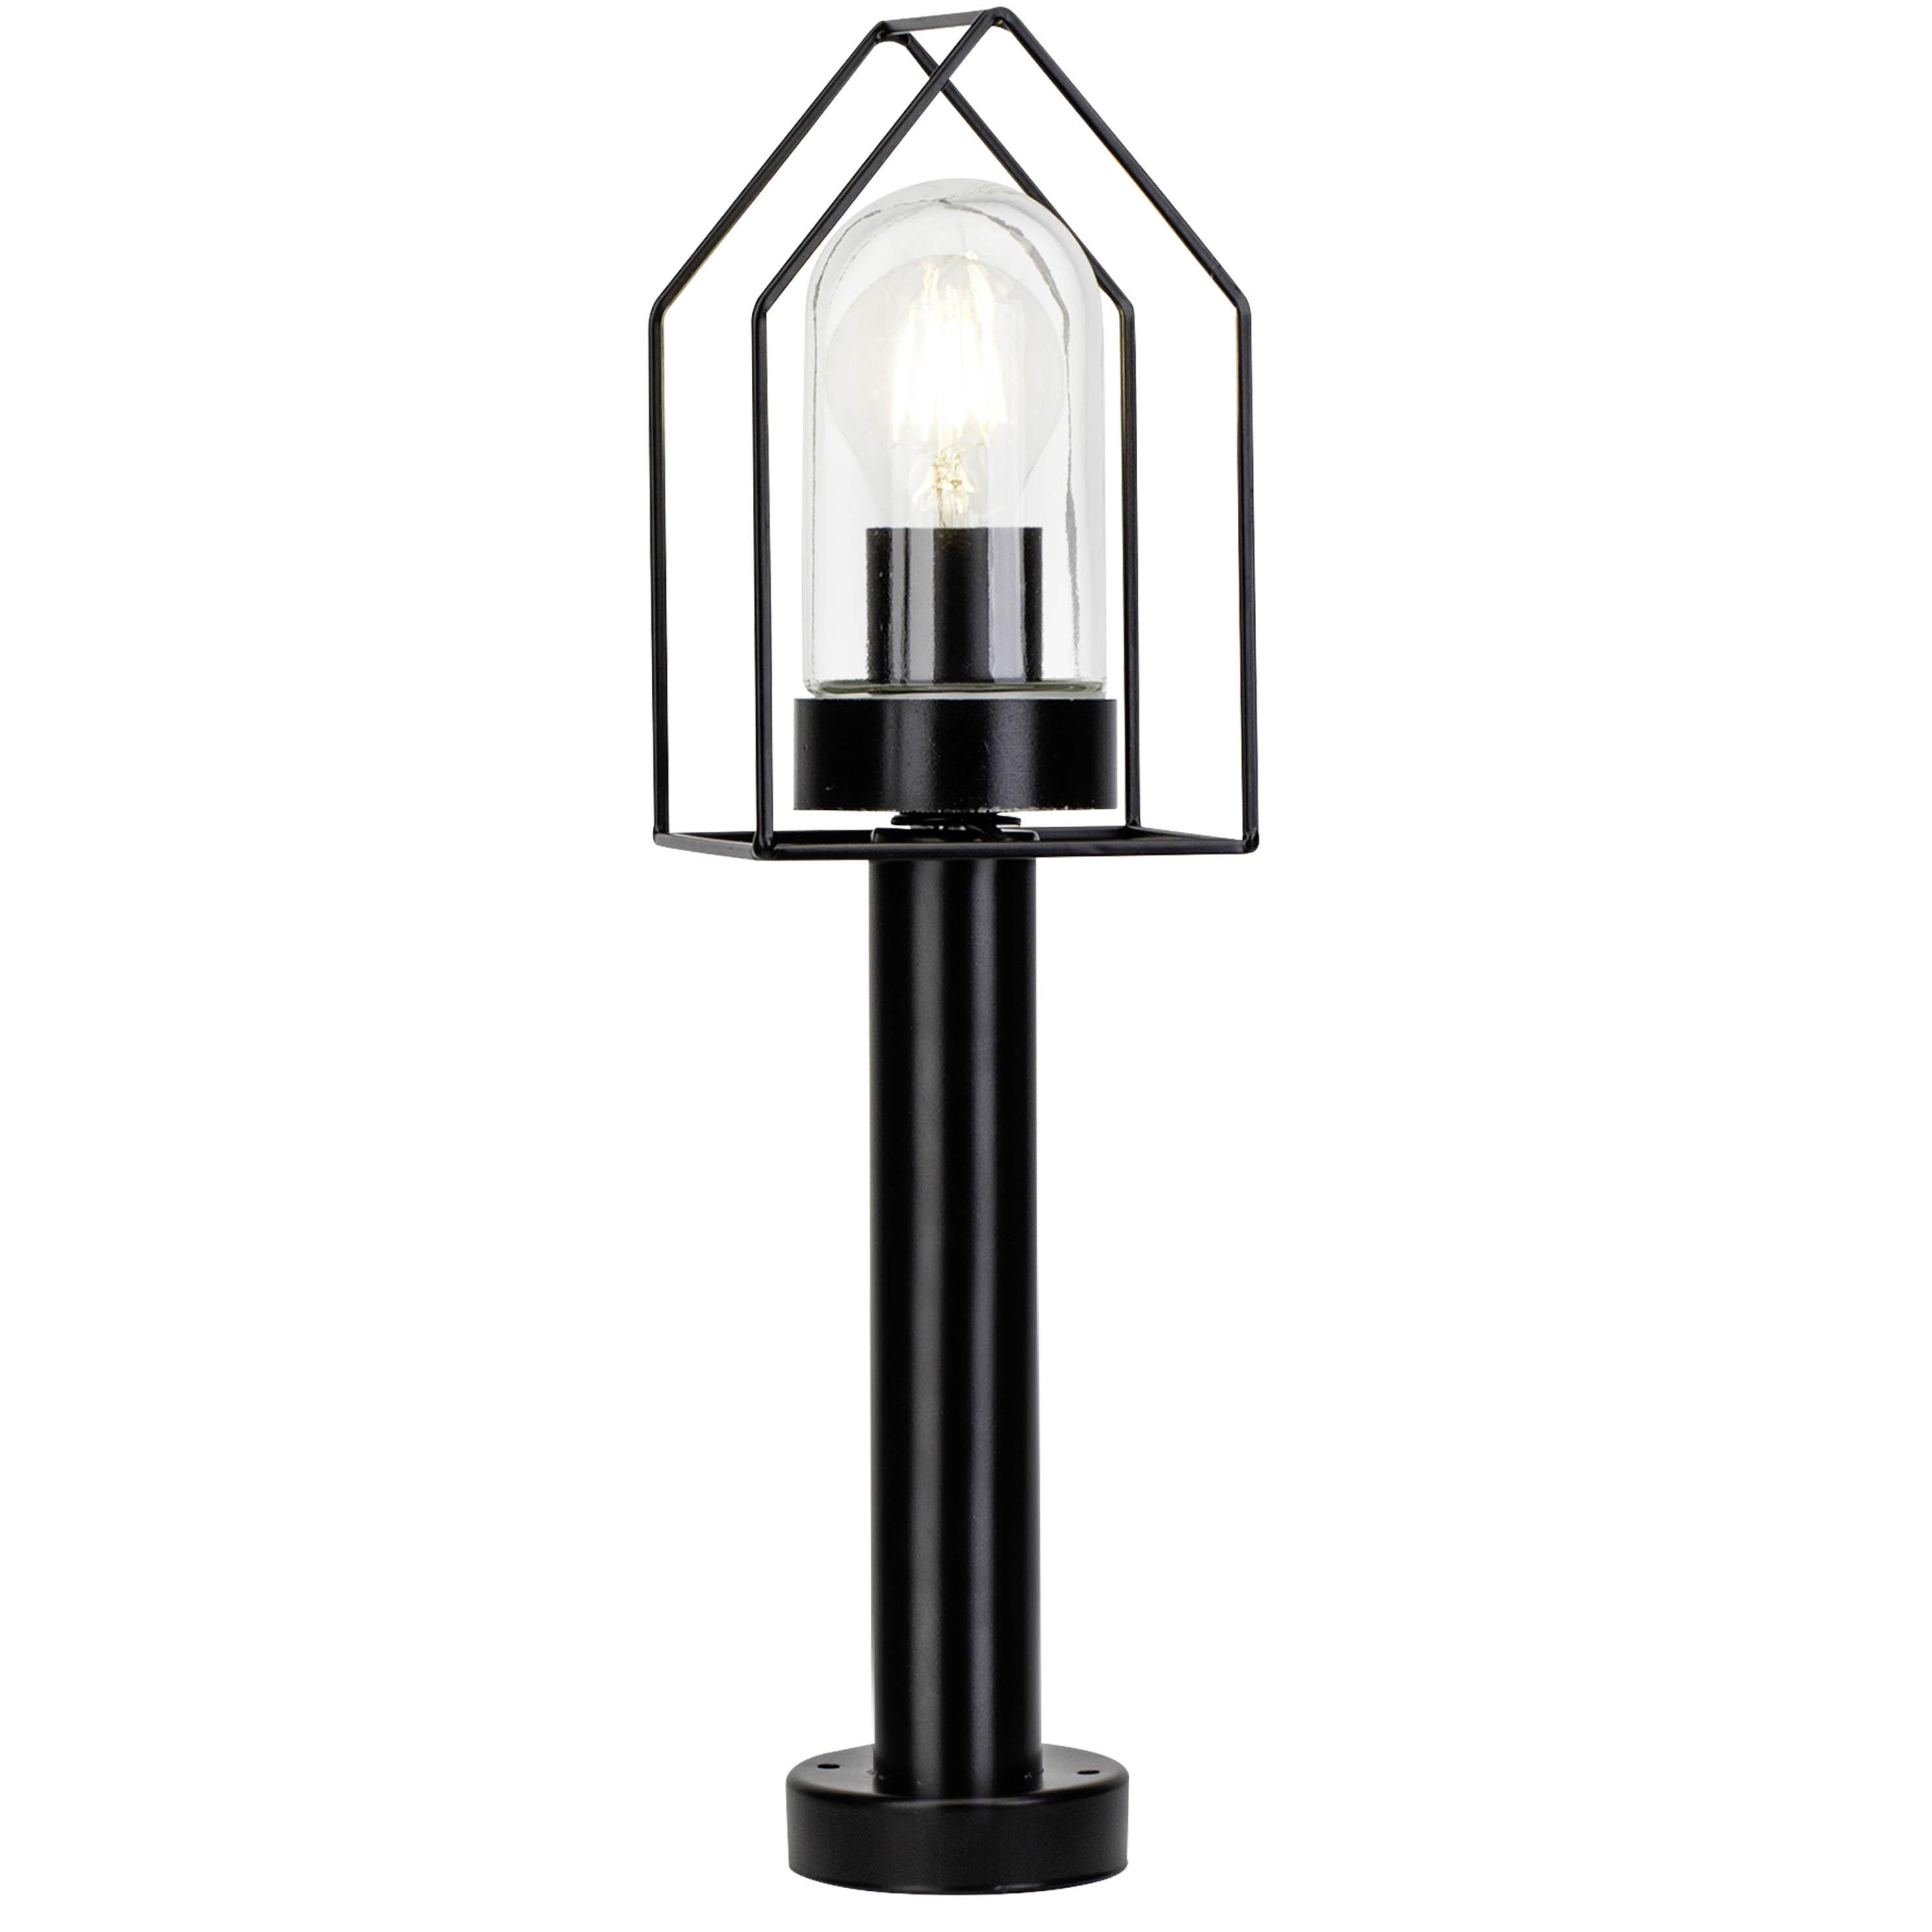 Brilliant Leuchten Home Außensockelleuchte schwarz/transparent